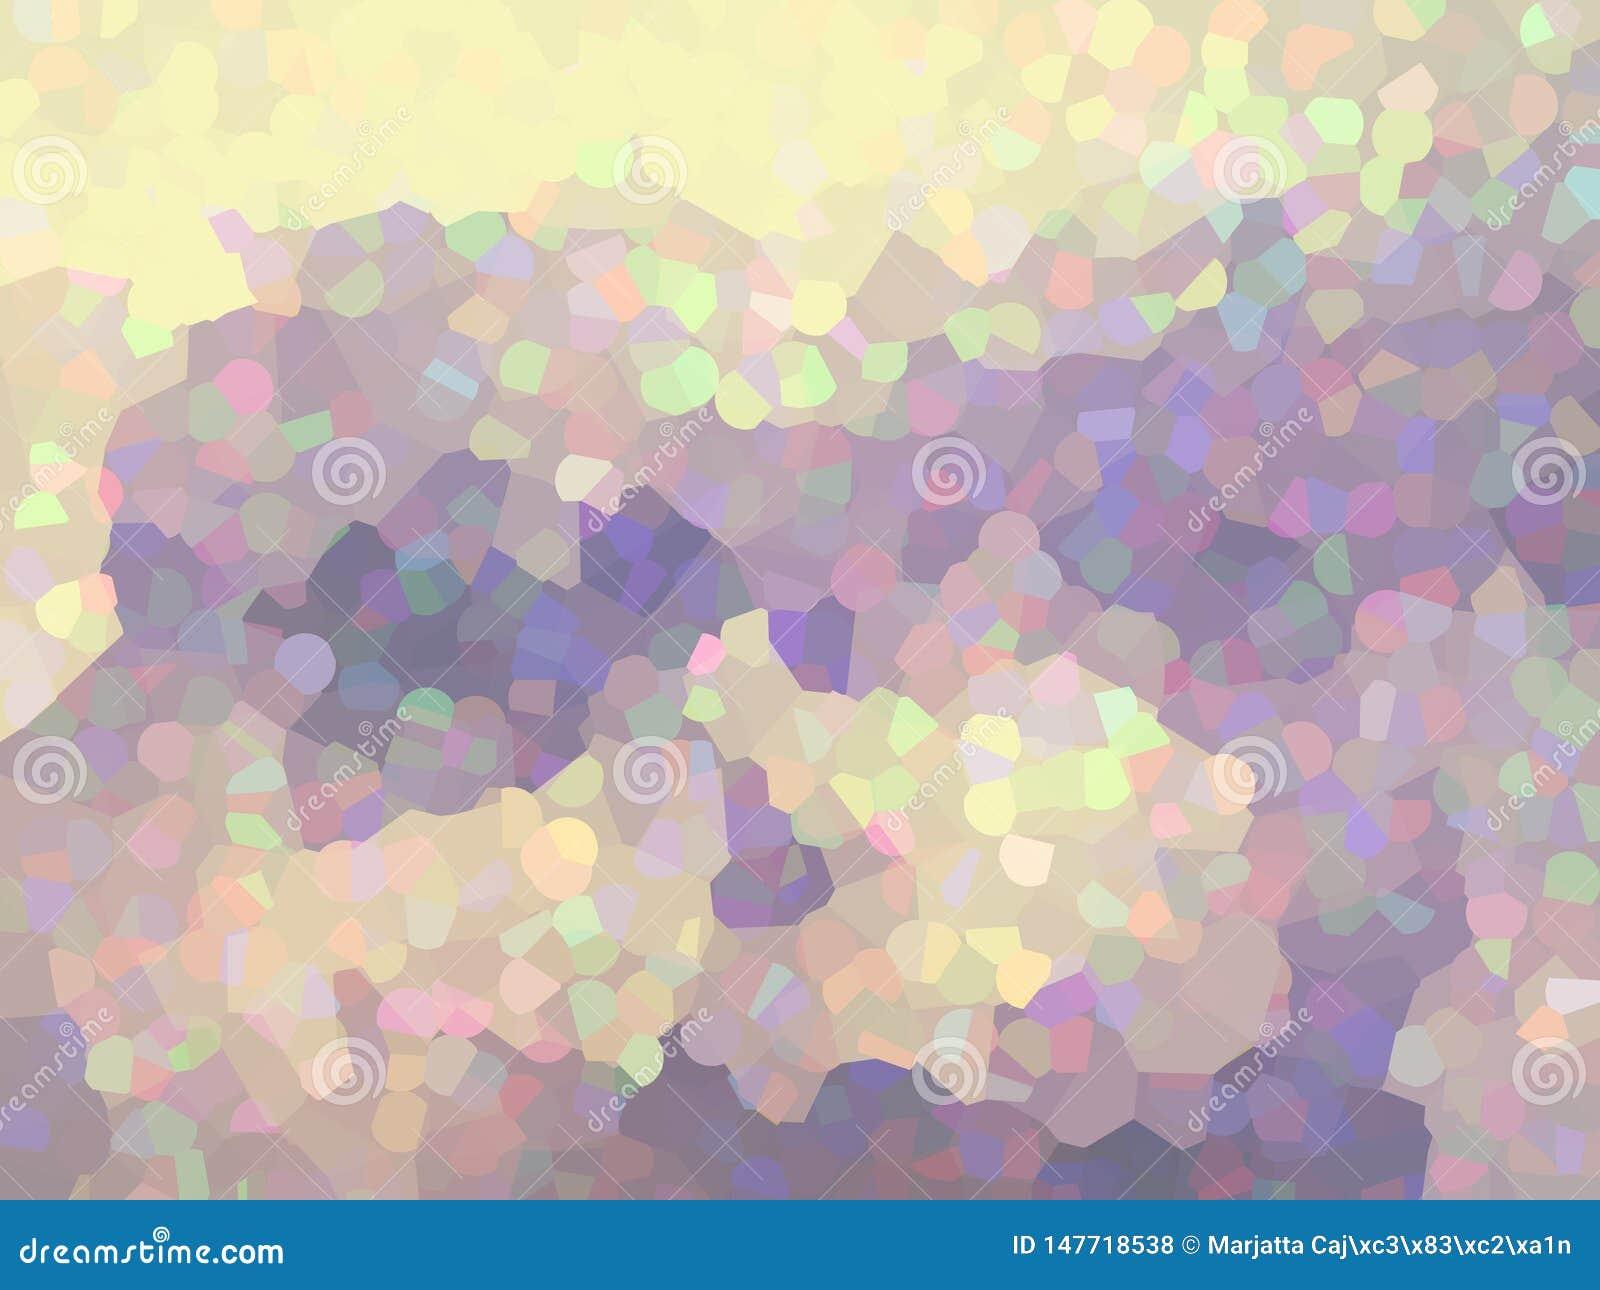 Γεωμετρικό, υπόβαθρο μωσαϊκών στα χρώματα κρητιδογραφιών